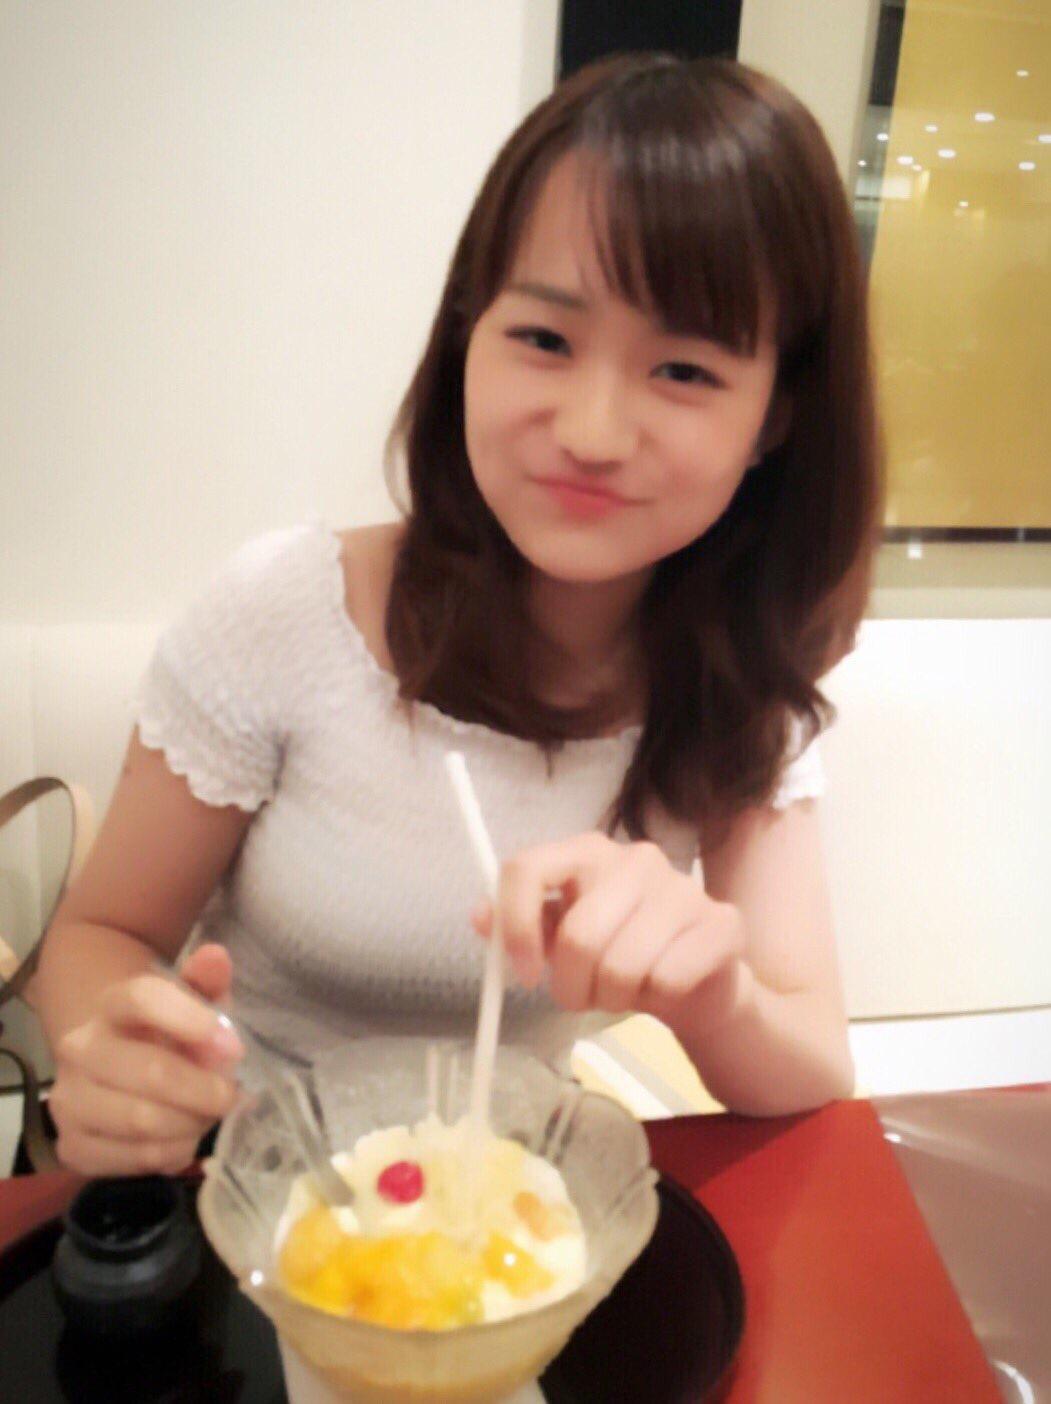 現役東大生・篠原梨菜が可愛いと話題に!出身高校や胸のカップ数を調査!のサムネイル画像